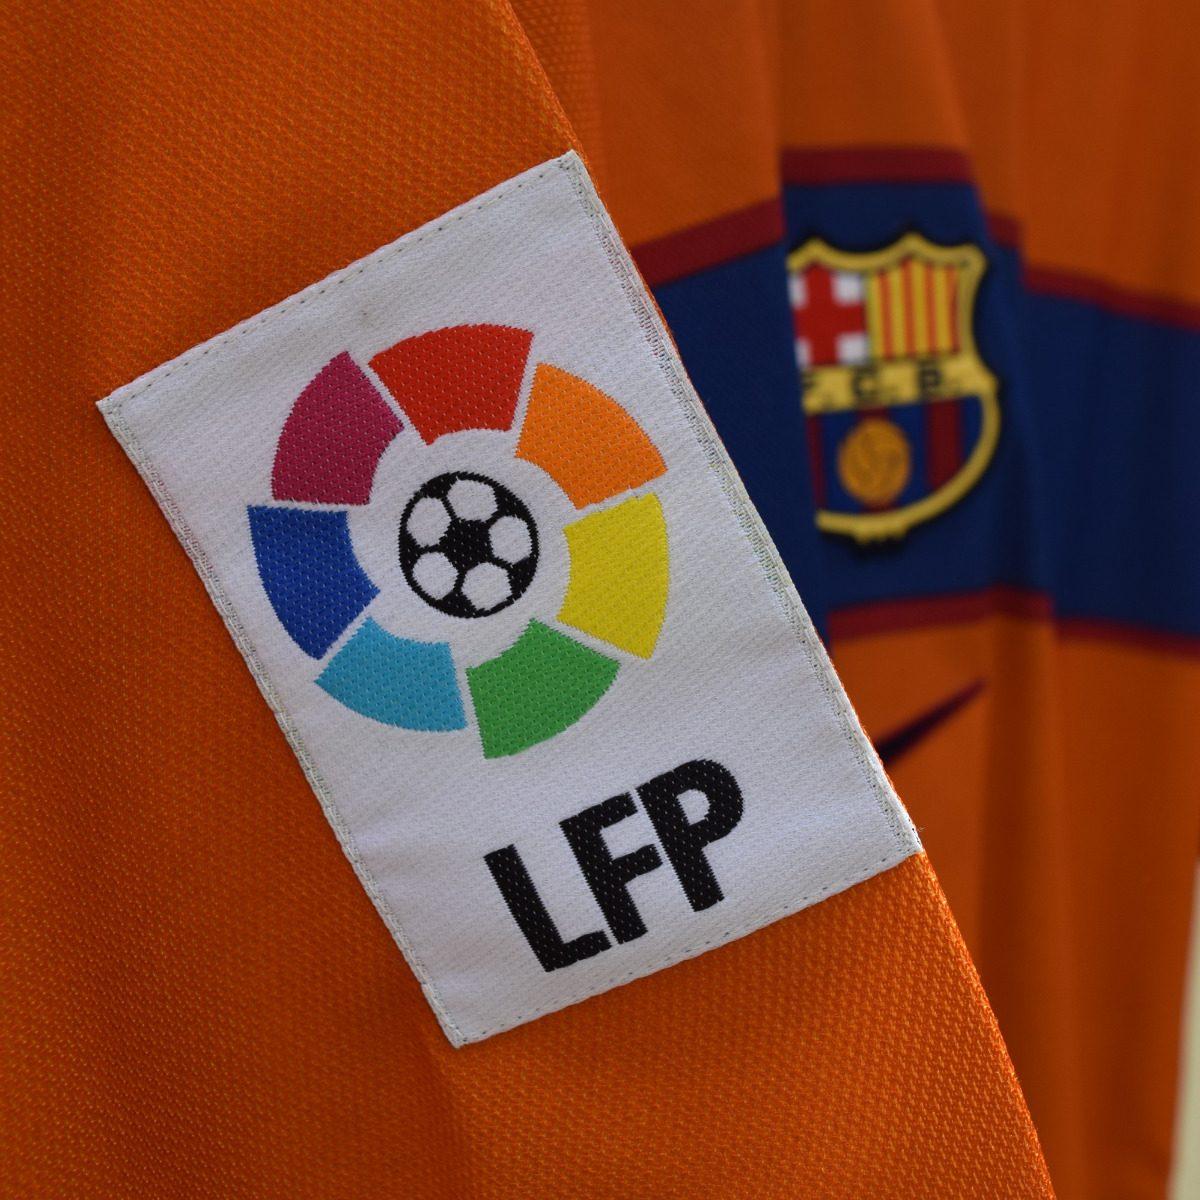 camisa barcelona 1998 1999 - segundo uniforme - original! Carregando zoom. c3175314a8d1b